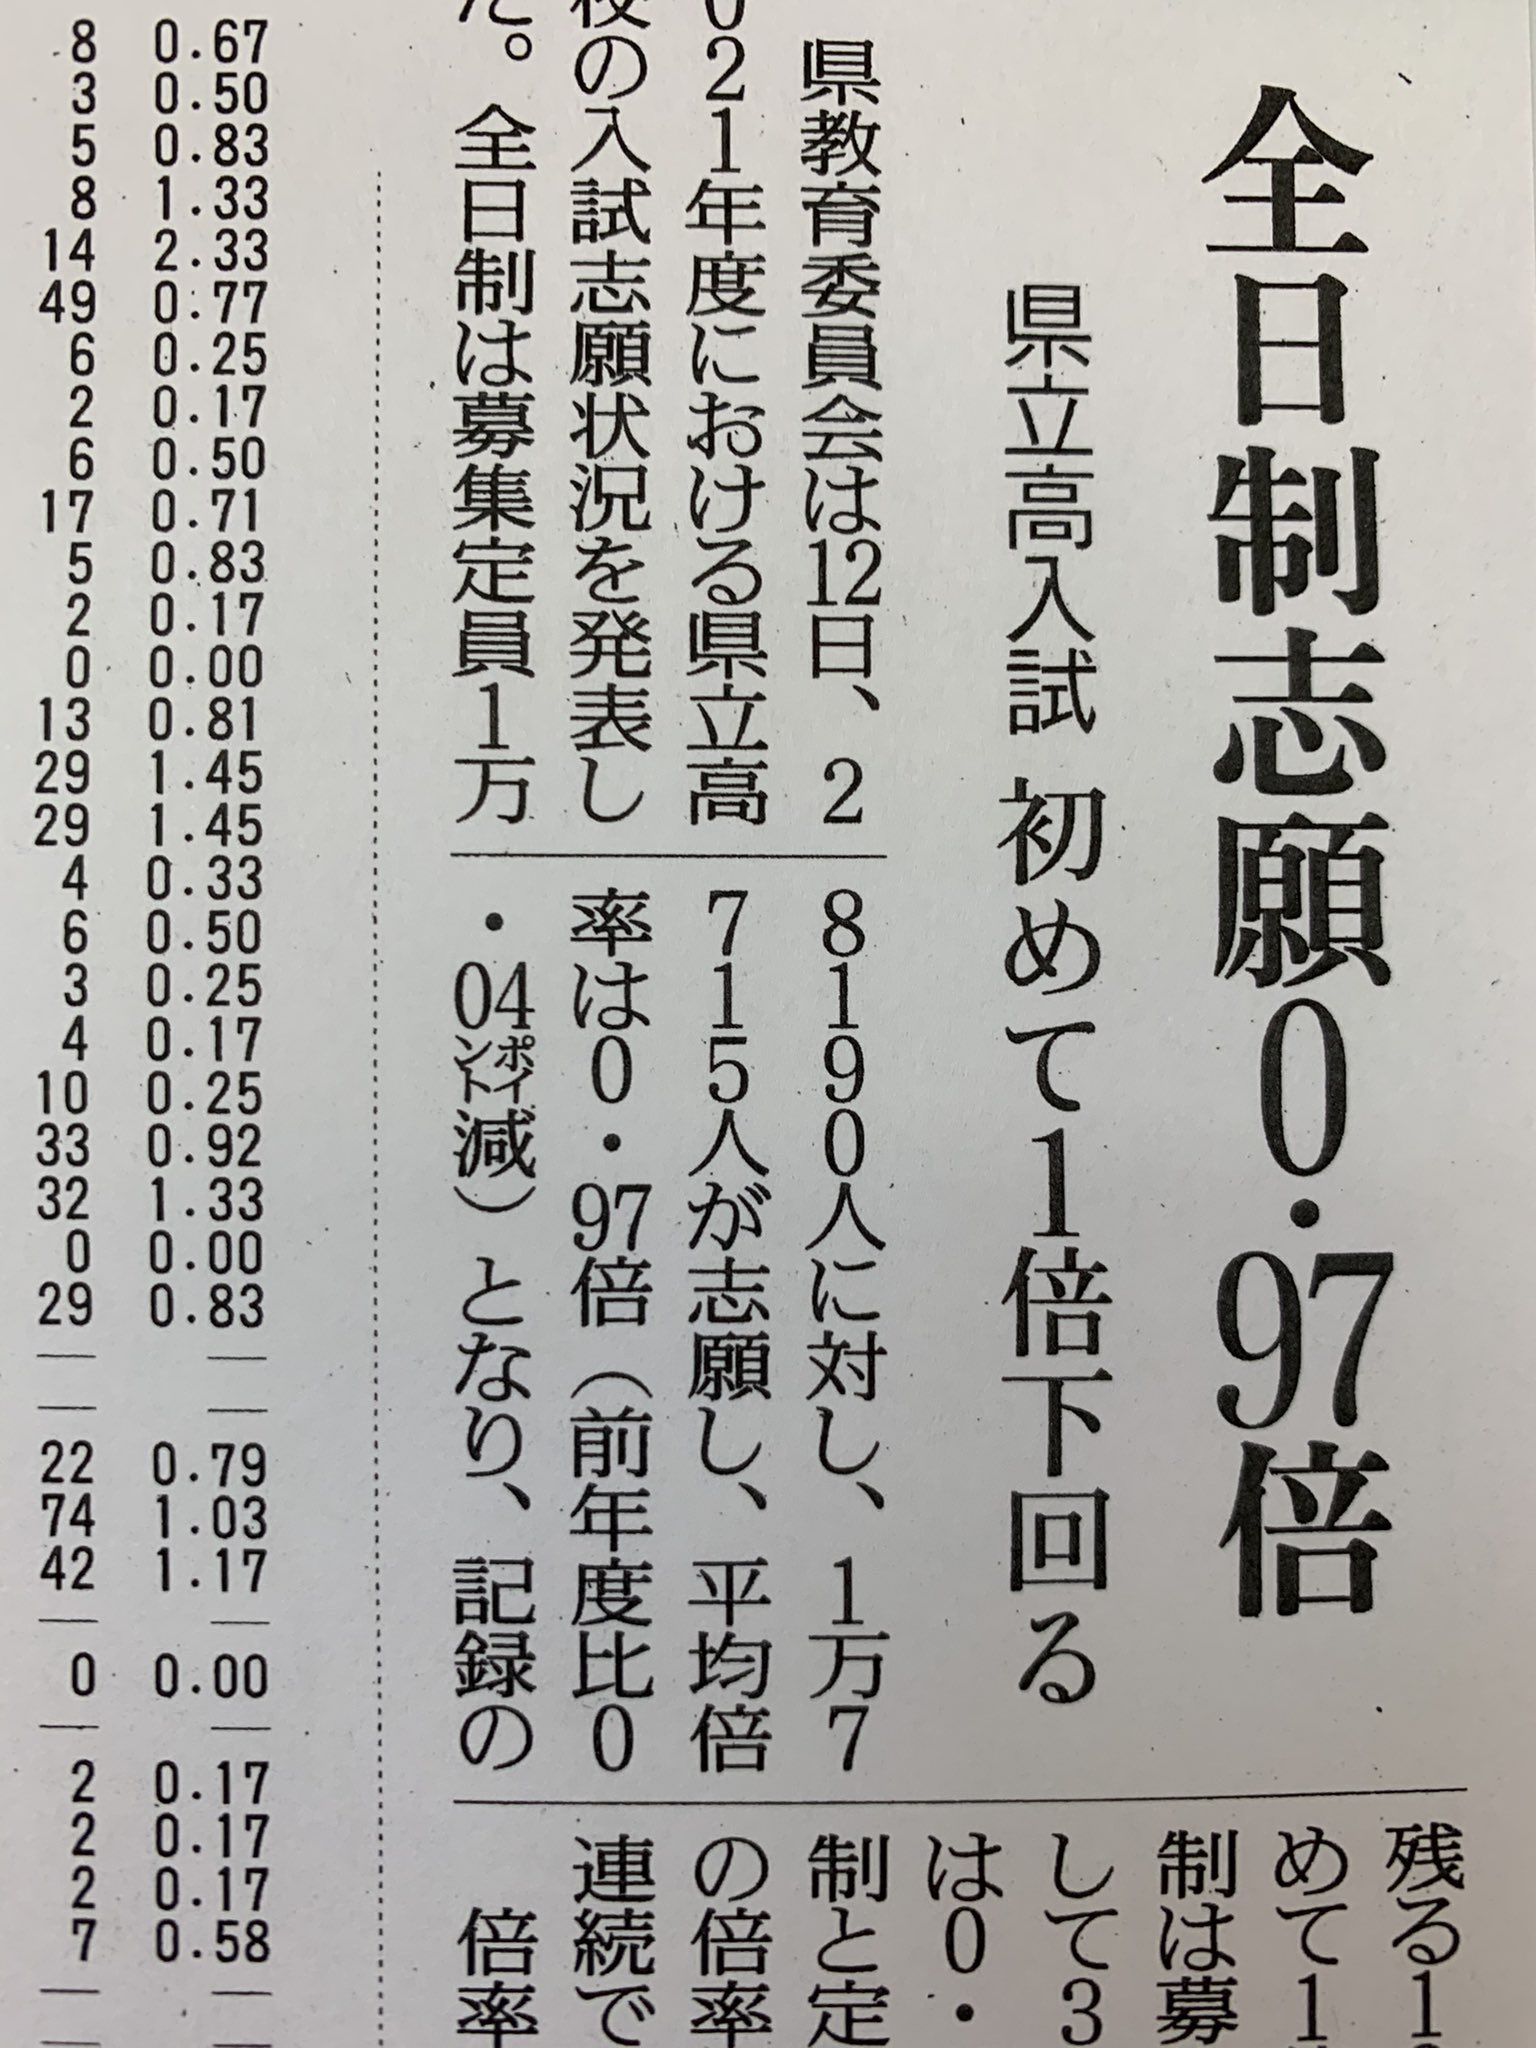 茨城県立高校出願倍率が確定しました❗page-visual 茨城県立高校出願倍率が確定しました❗ビジュアル